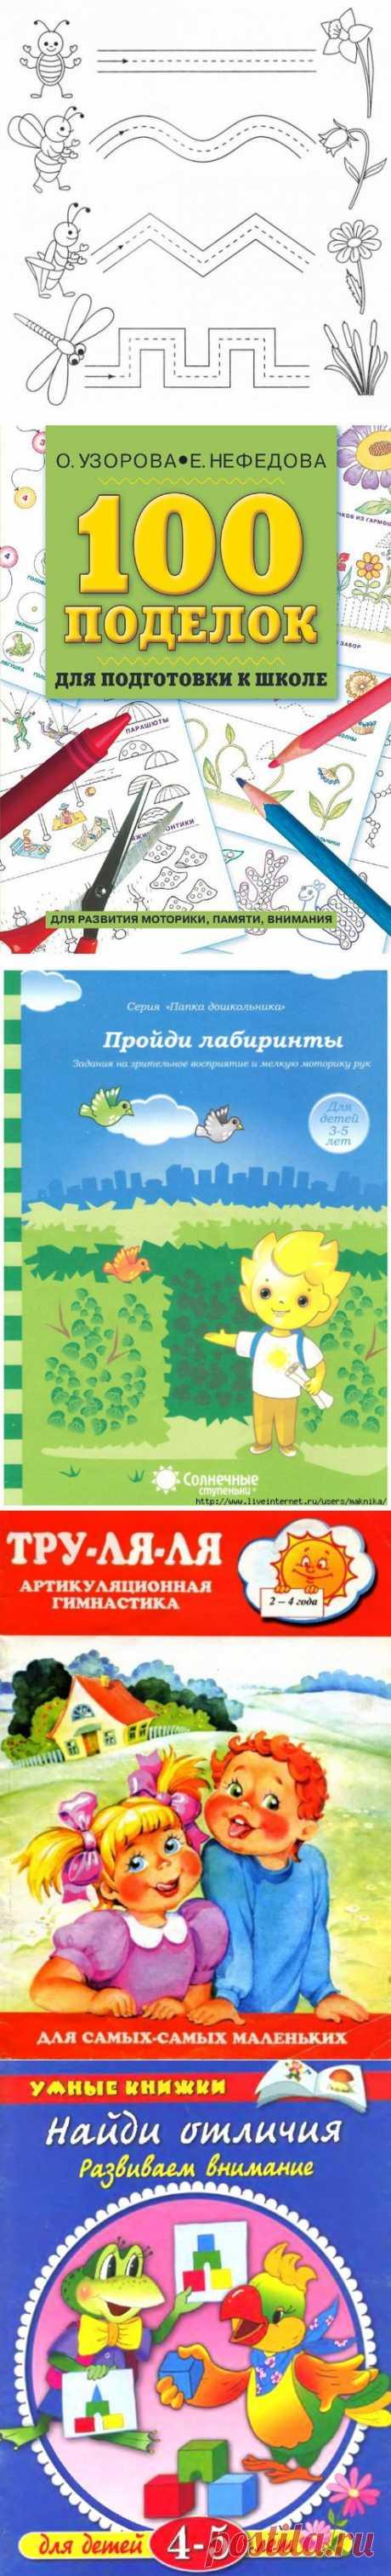 Детские развивающие занятия (книги,пособия,игры) | Записи в рубрике Детские развивающие занятия (книги,пособия,игры) | Дневник Таня_Одесса